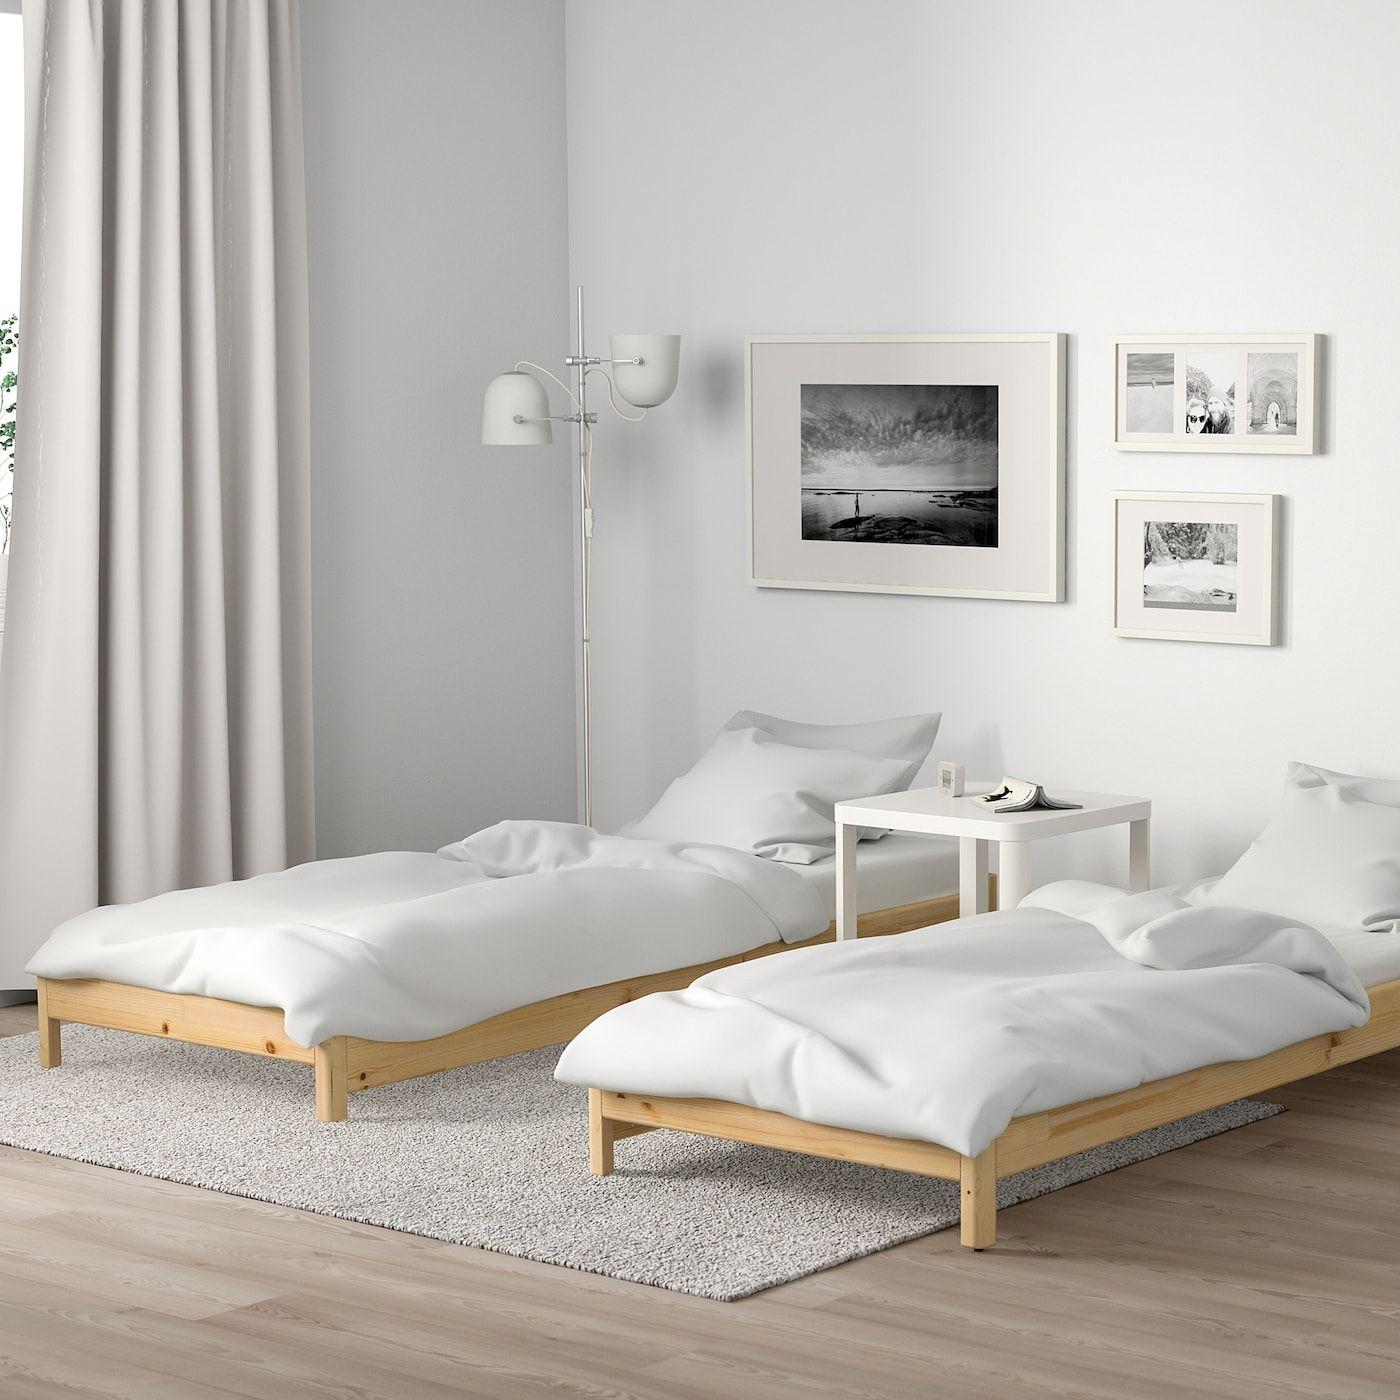 Mobel Einrichtungsideen Fur Dein Zuhause 2019 Ein Schlafzimmer Mit Malm Bettgestell Niedrig Eich Oak Bedroom Bedroom Furnishings Discount Bedroom Furniture